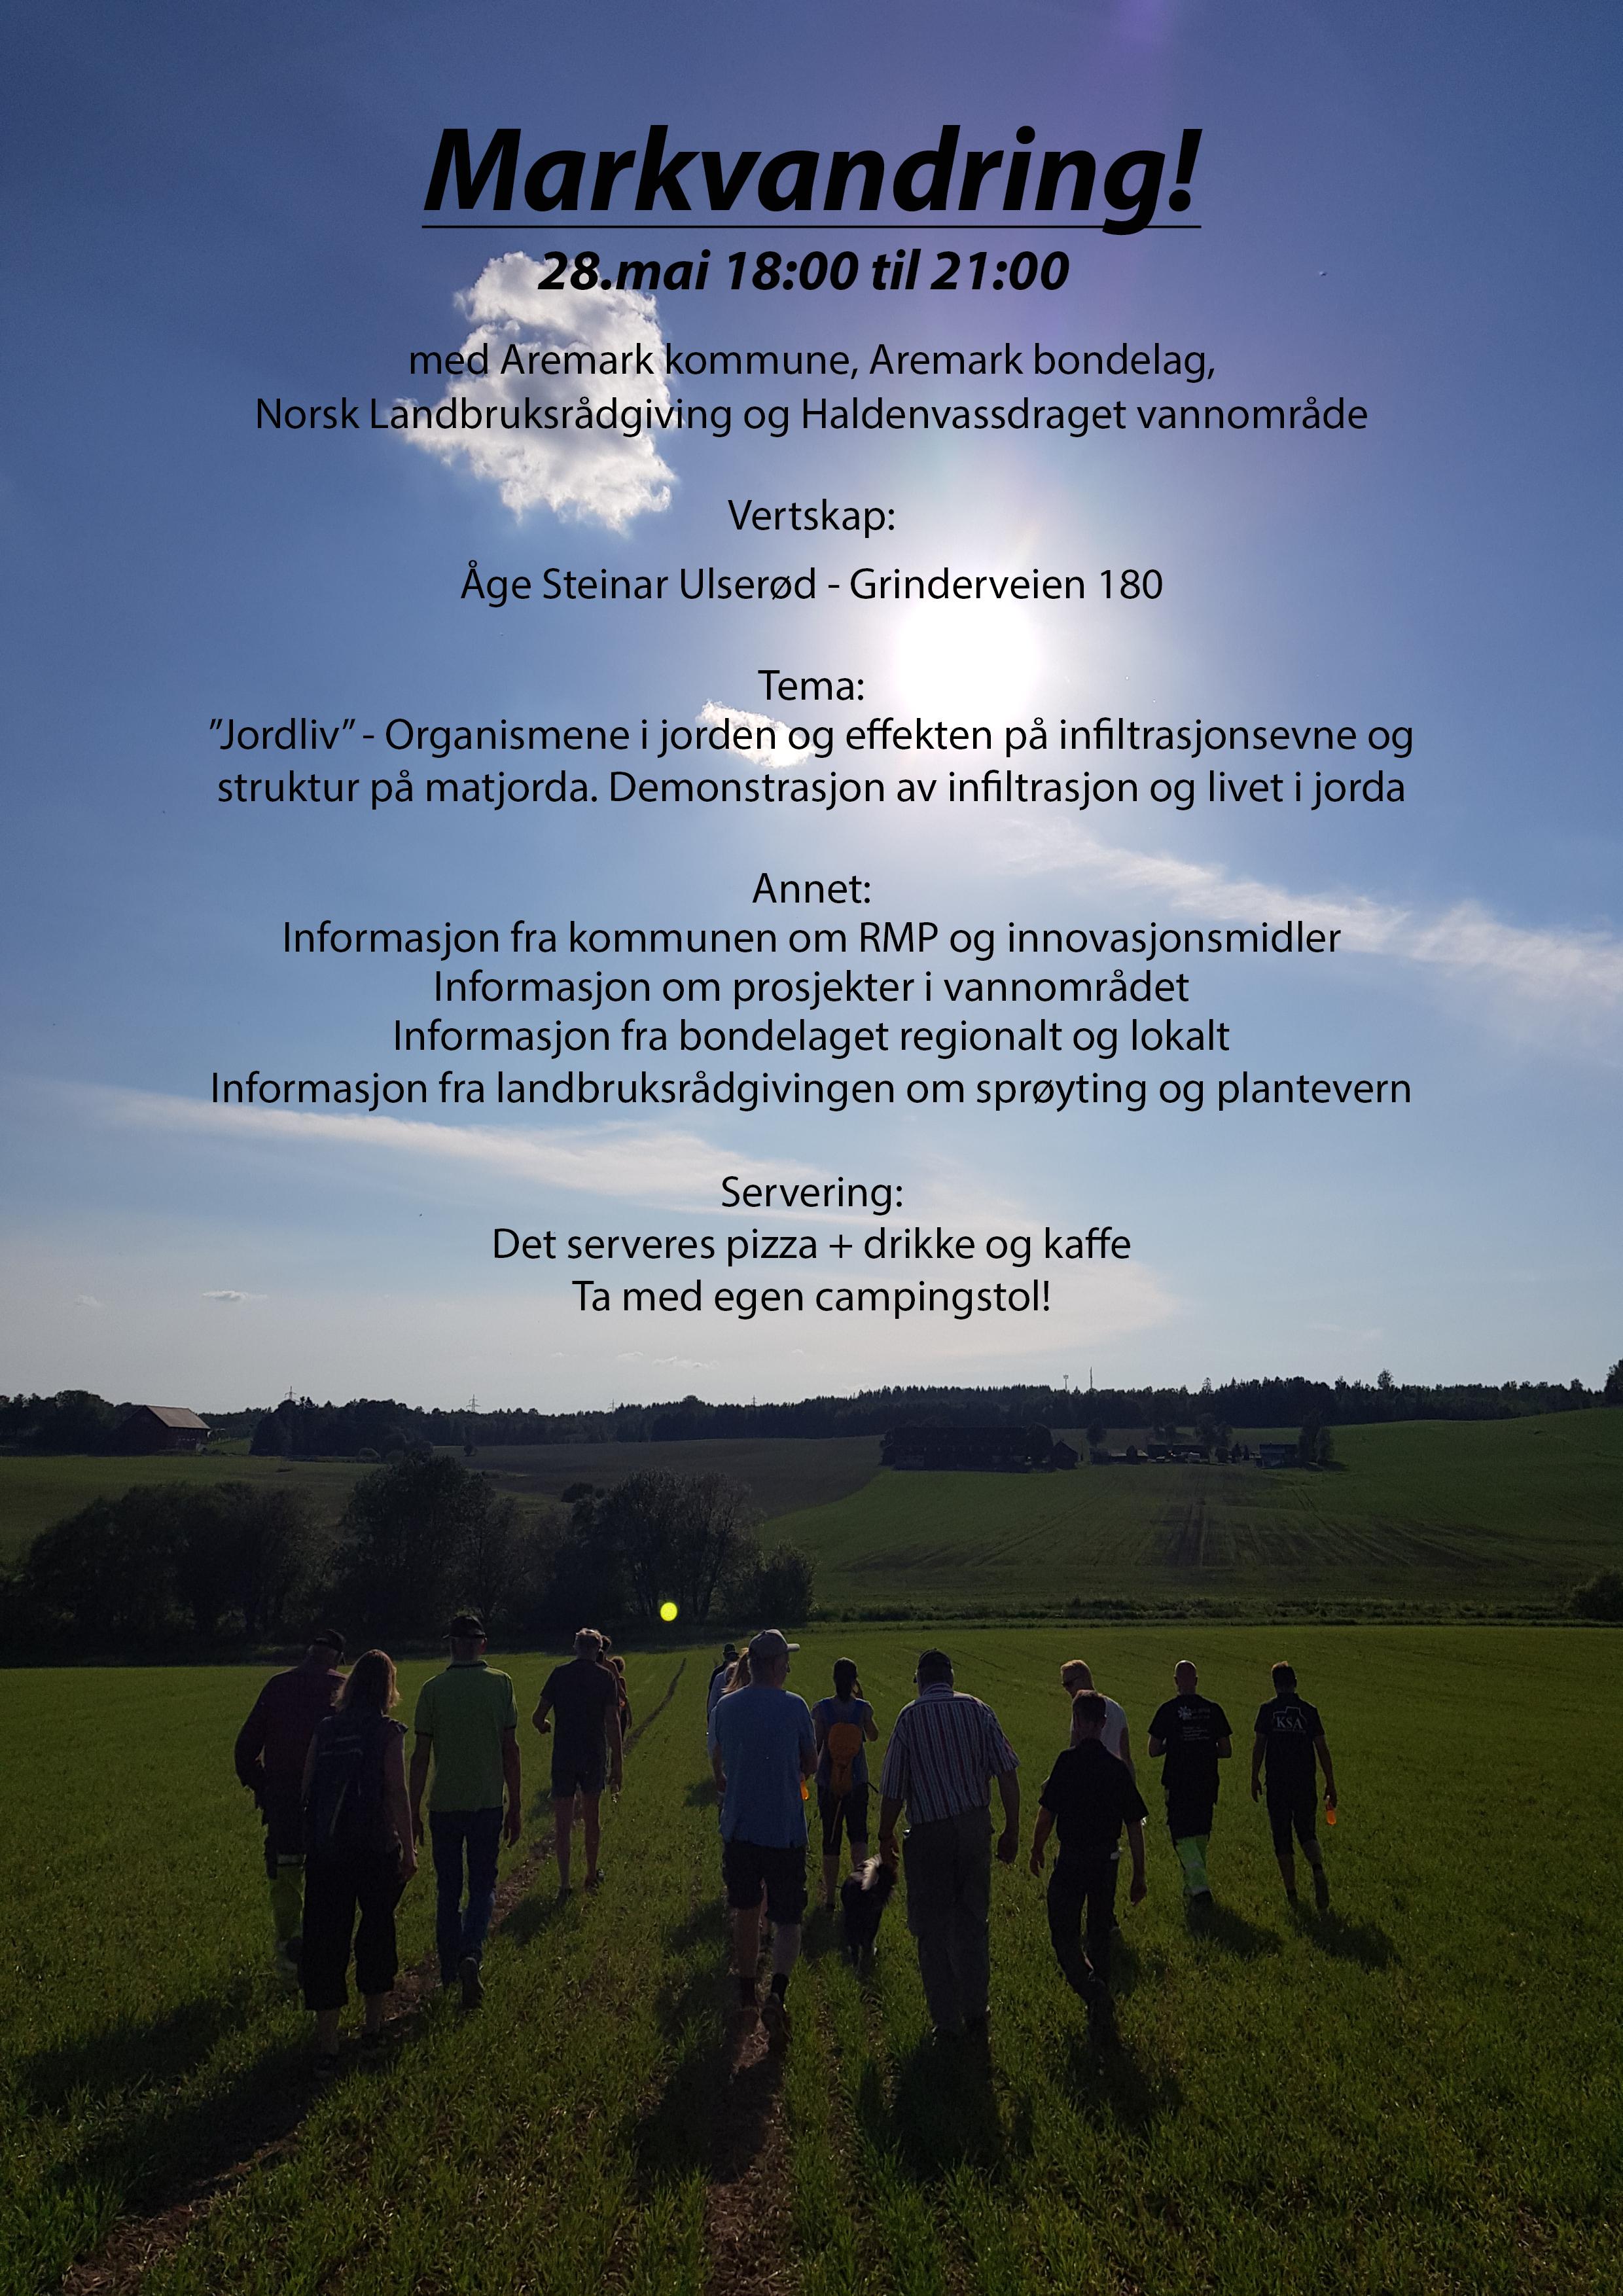 Aremark 2019 - markvandring 28.mai 18-21.jpg